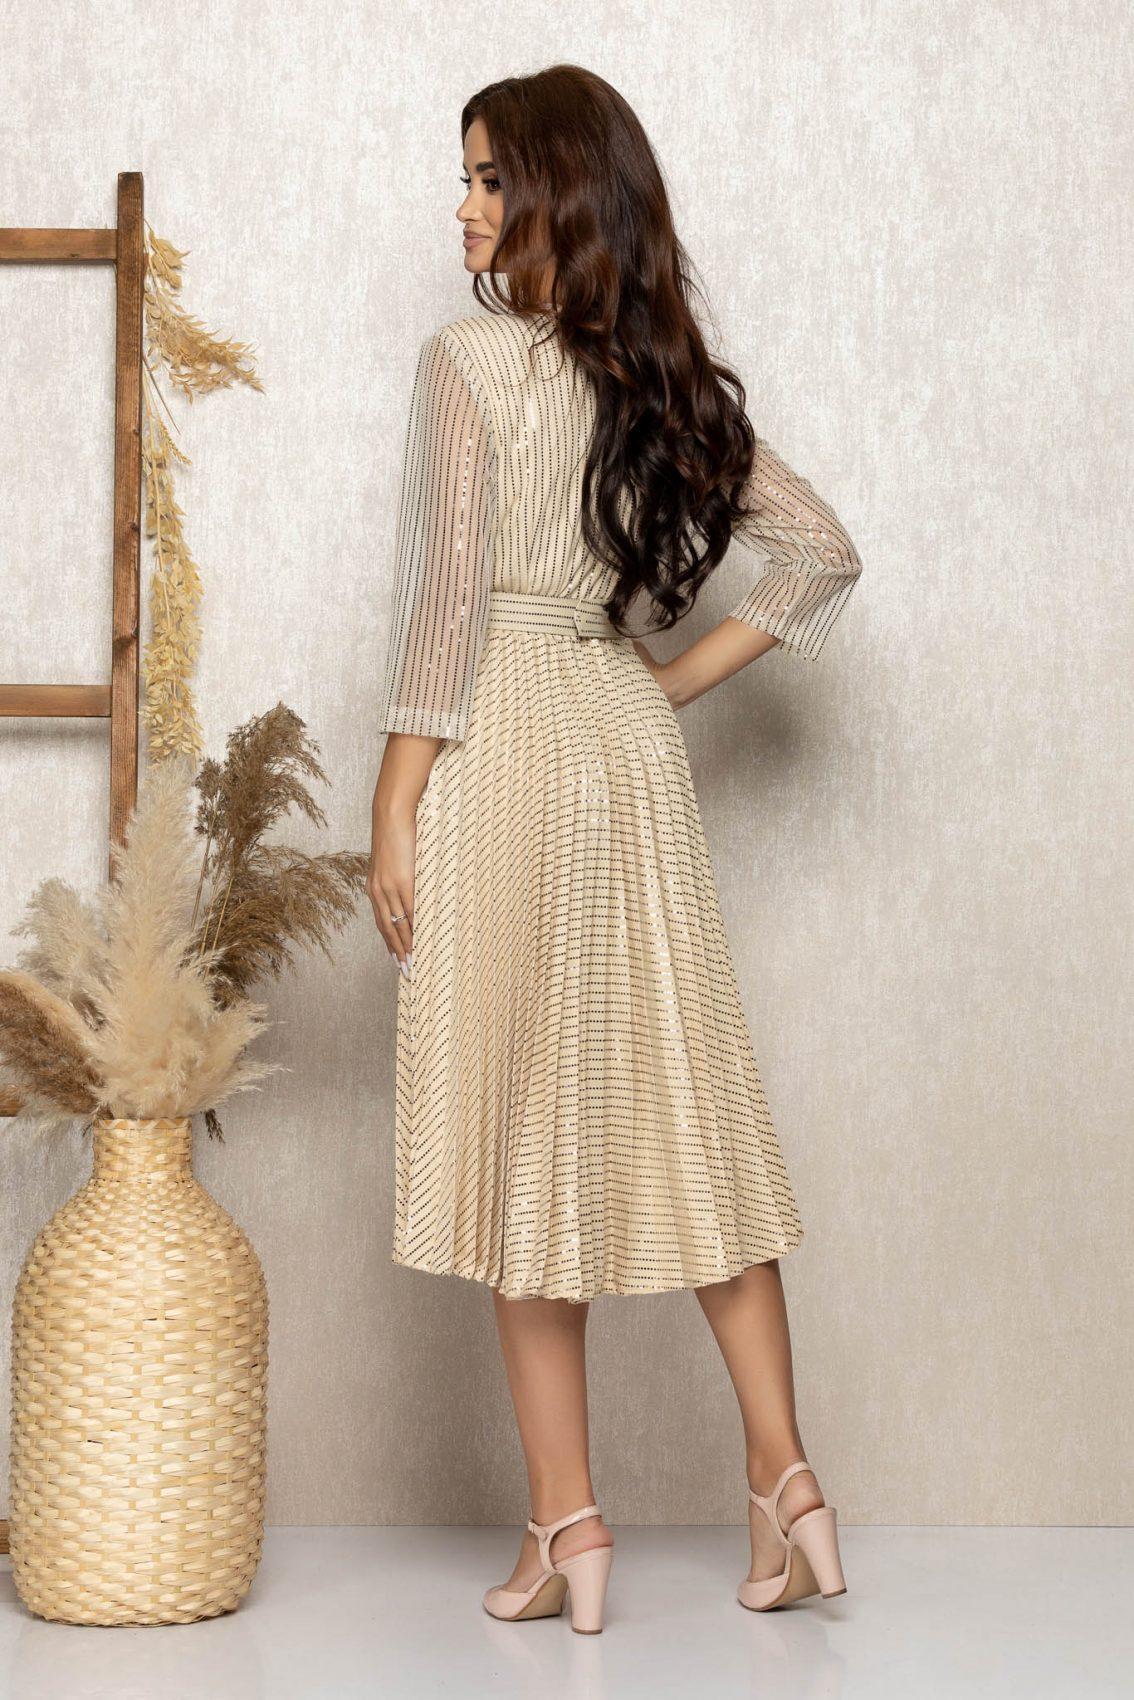 Nude Μίντι Βραδινό Πλισέ Φόρεμα Delilah T290 2